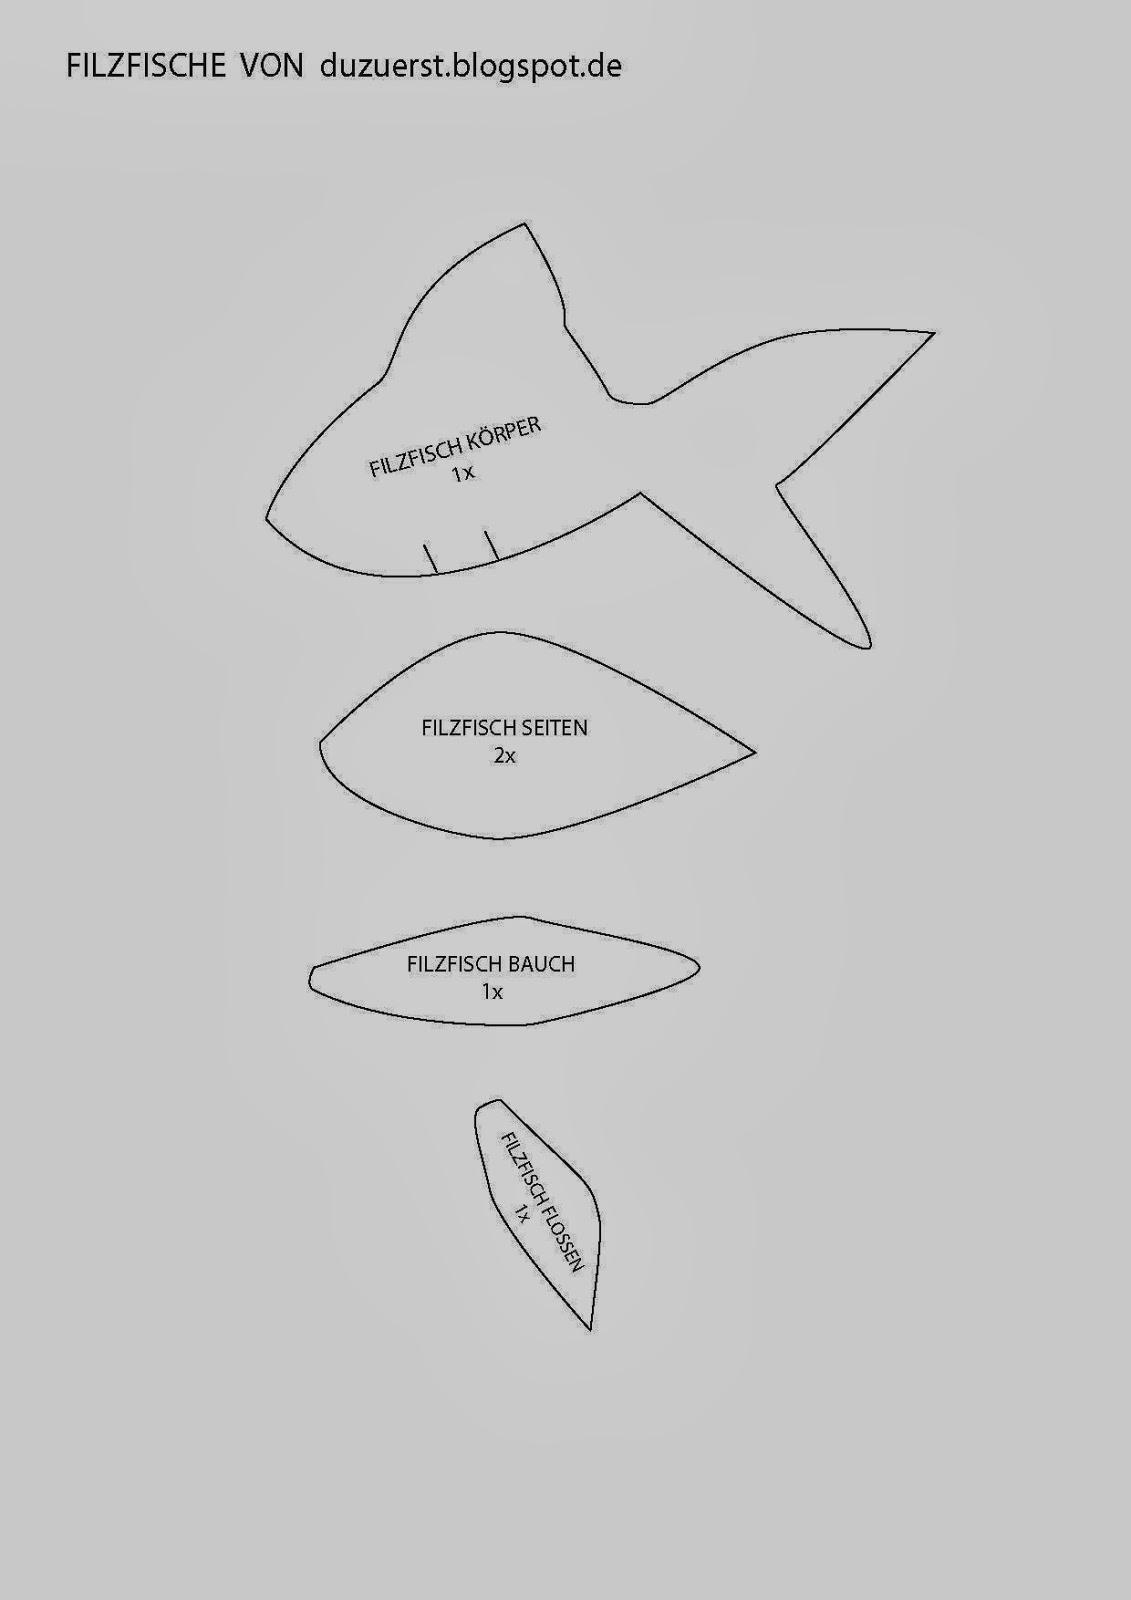 Fein Fischflossen Vorlage Fotos - Beispielzusammenfassung Ideen ...